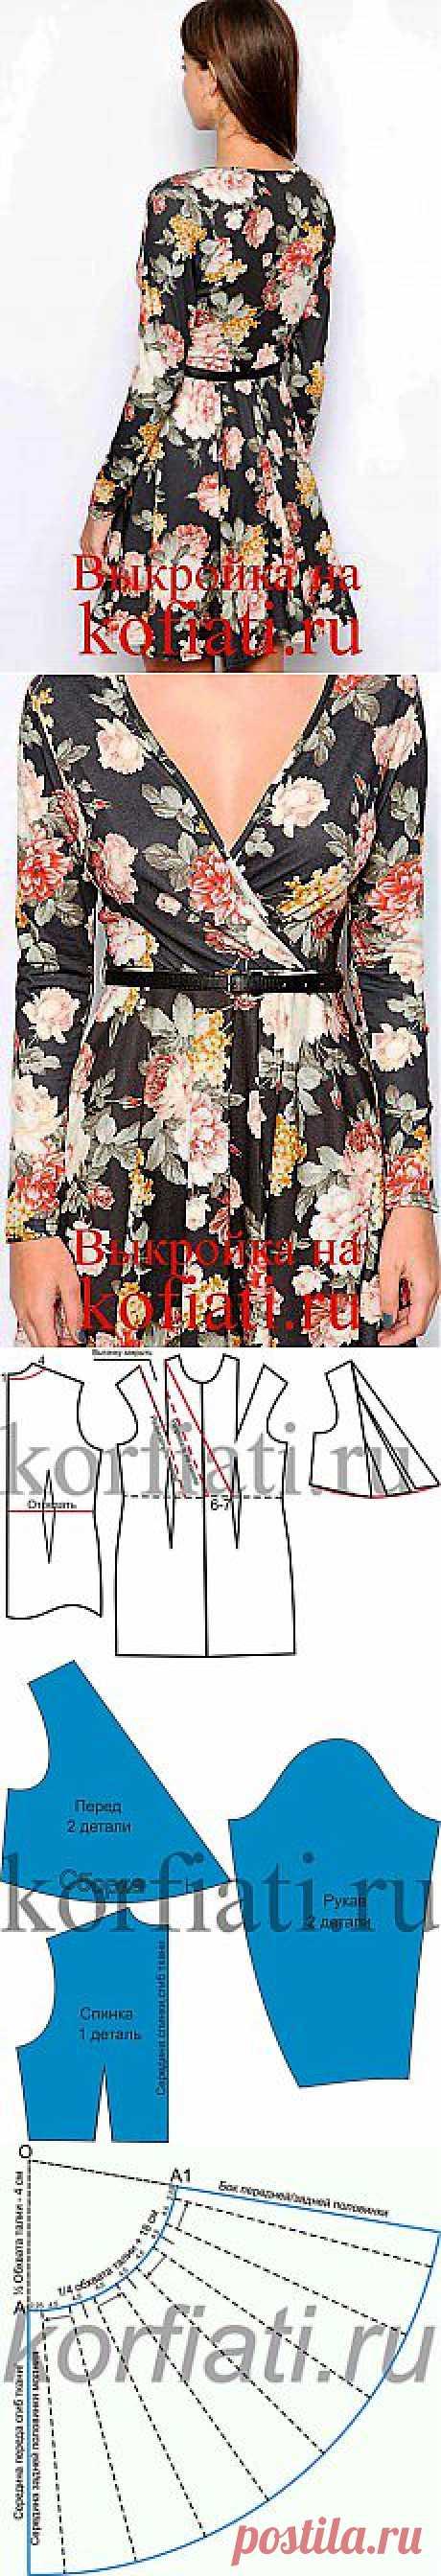 Выкройка платья с запахом - от ШКОЛЫ ШИТЬЯ Анастасии Корфиати